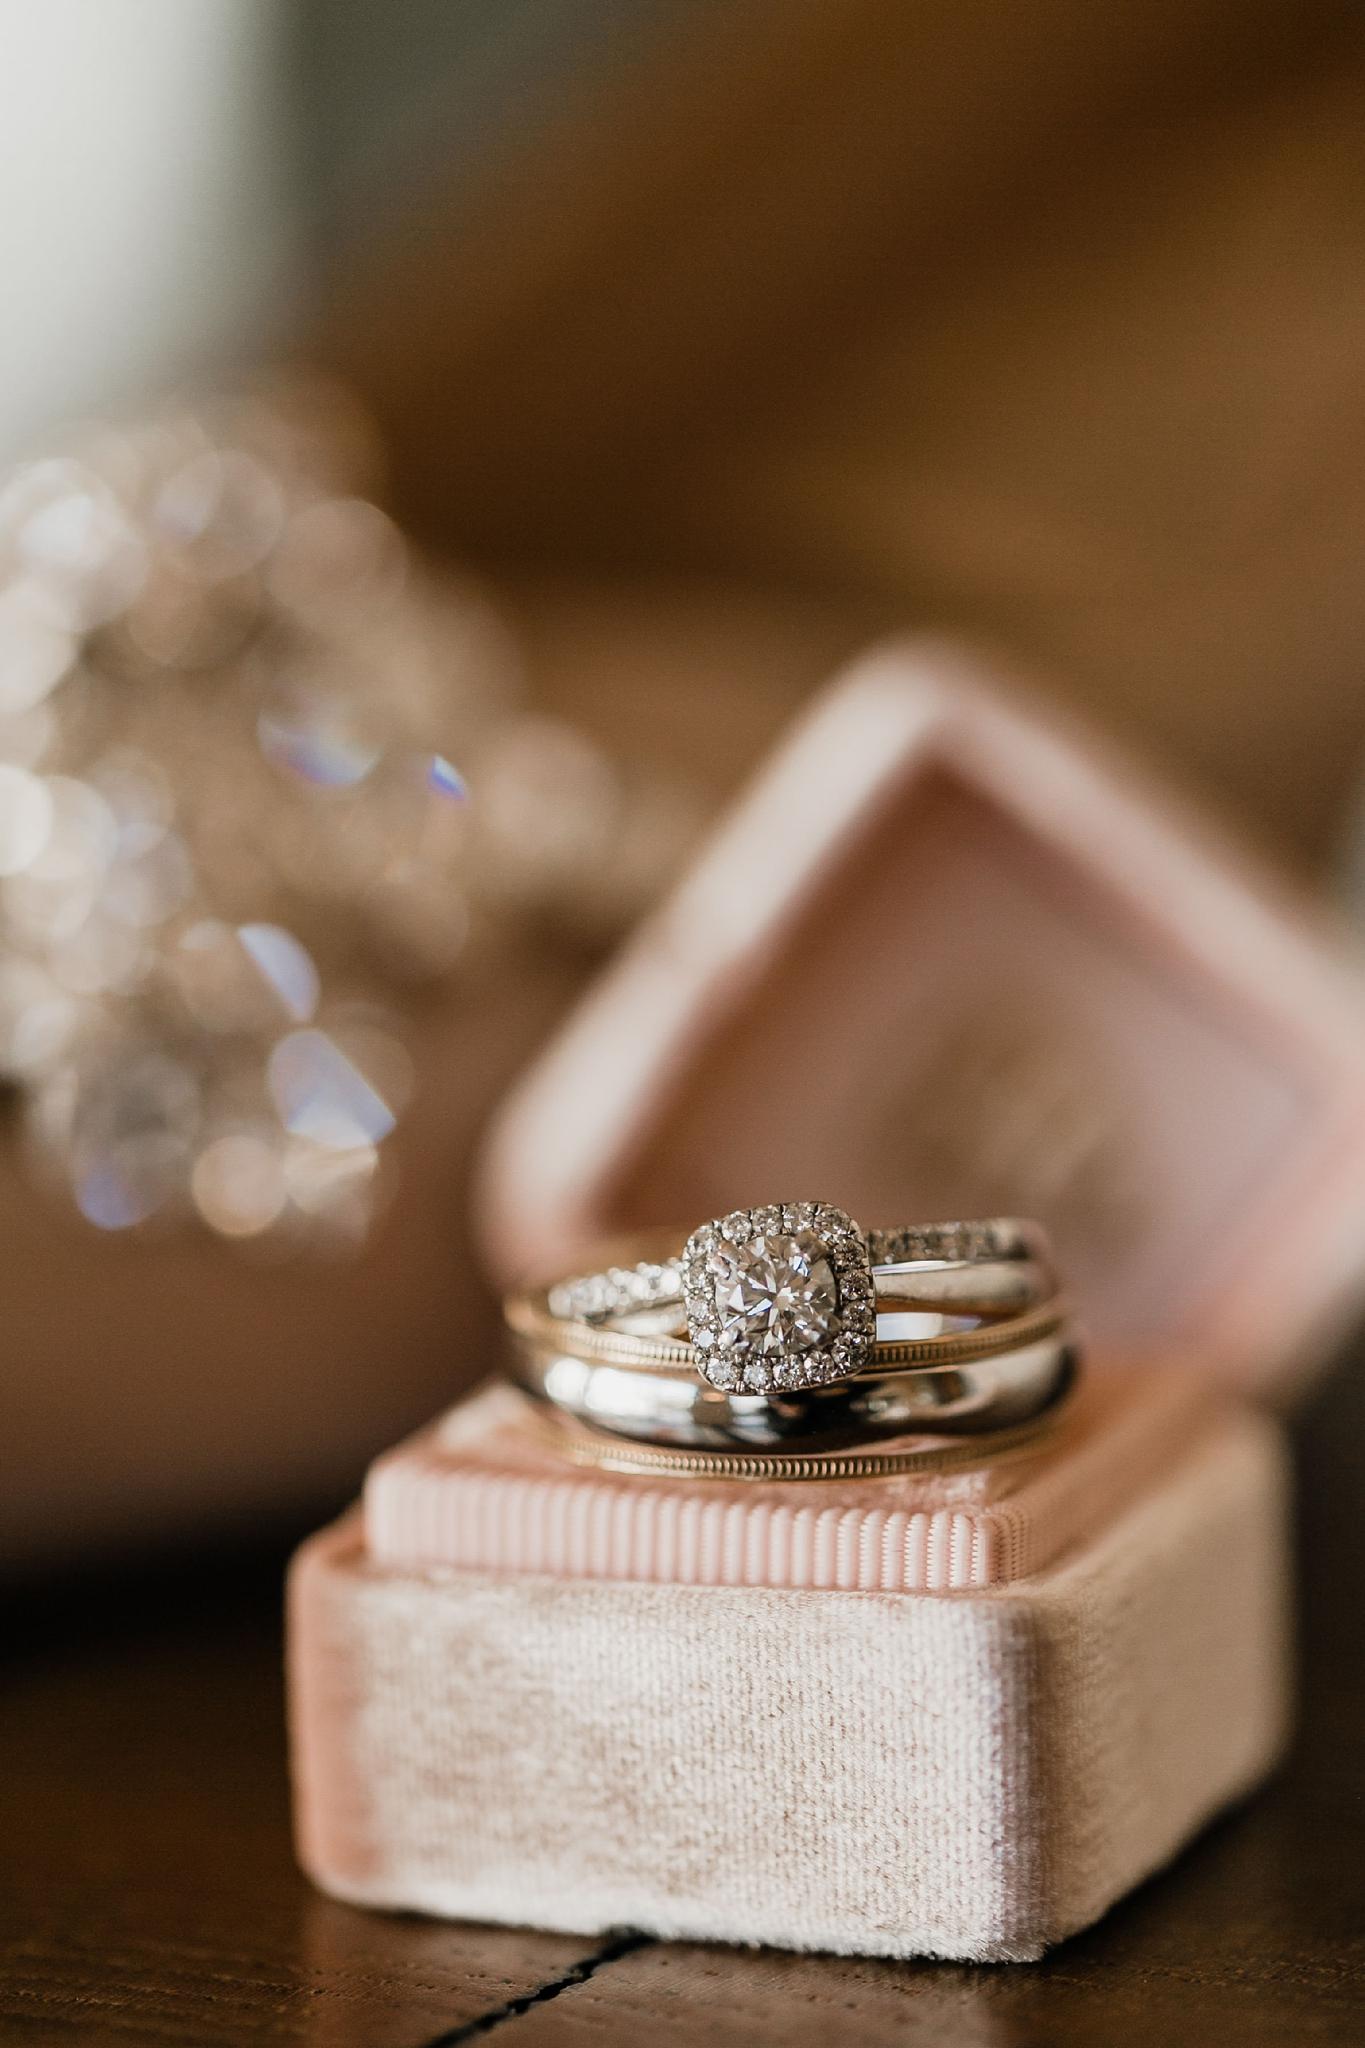 Alicia+lucia+photography+-+albuquerque+wedding+photographer+-+santa+fe+wedding+photography+-+new+mexico+wedding+photographer+-+new+mexico+wedding+-+santa+fe+wedding+-+four+seasons+wedding+-+winter+wedding_0005.jpg